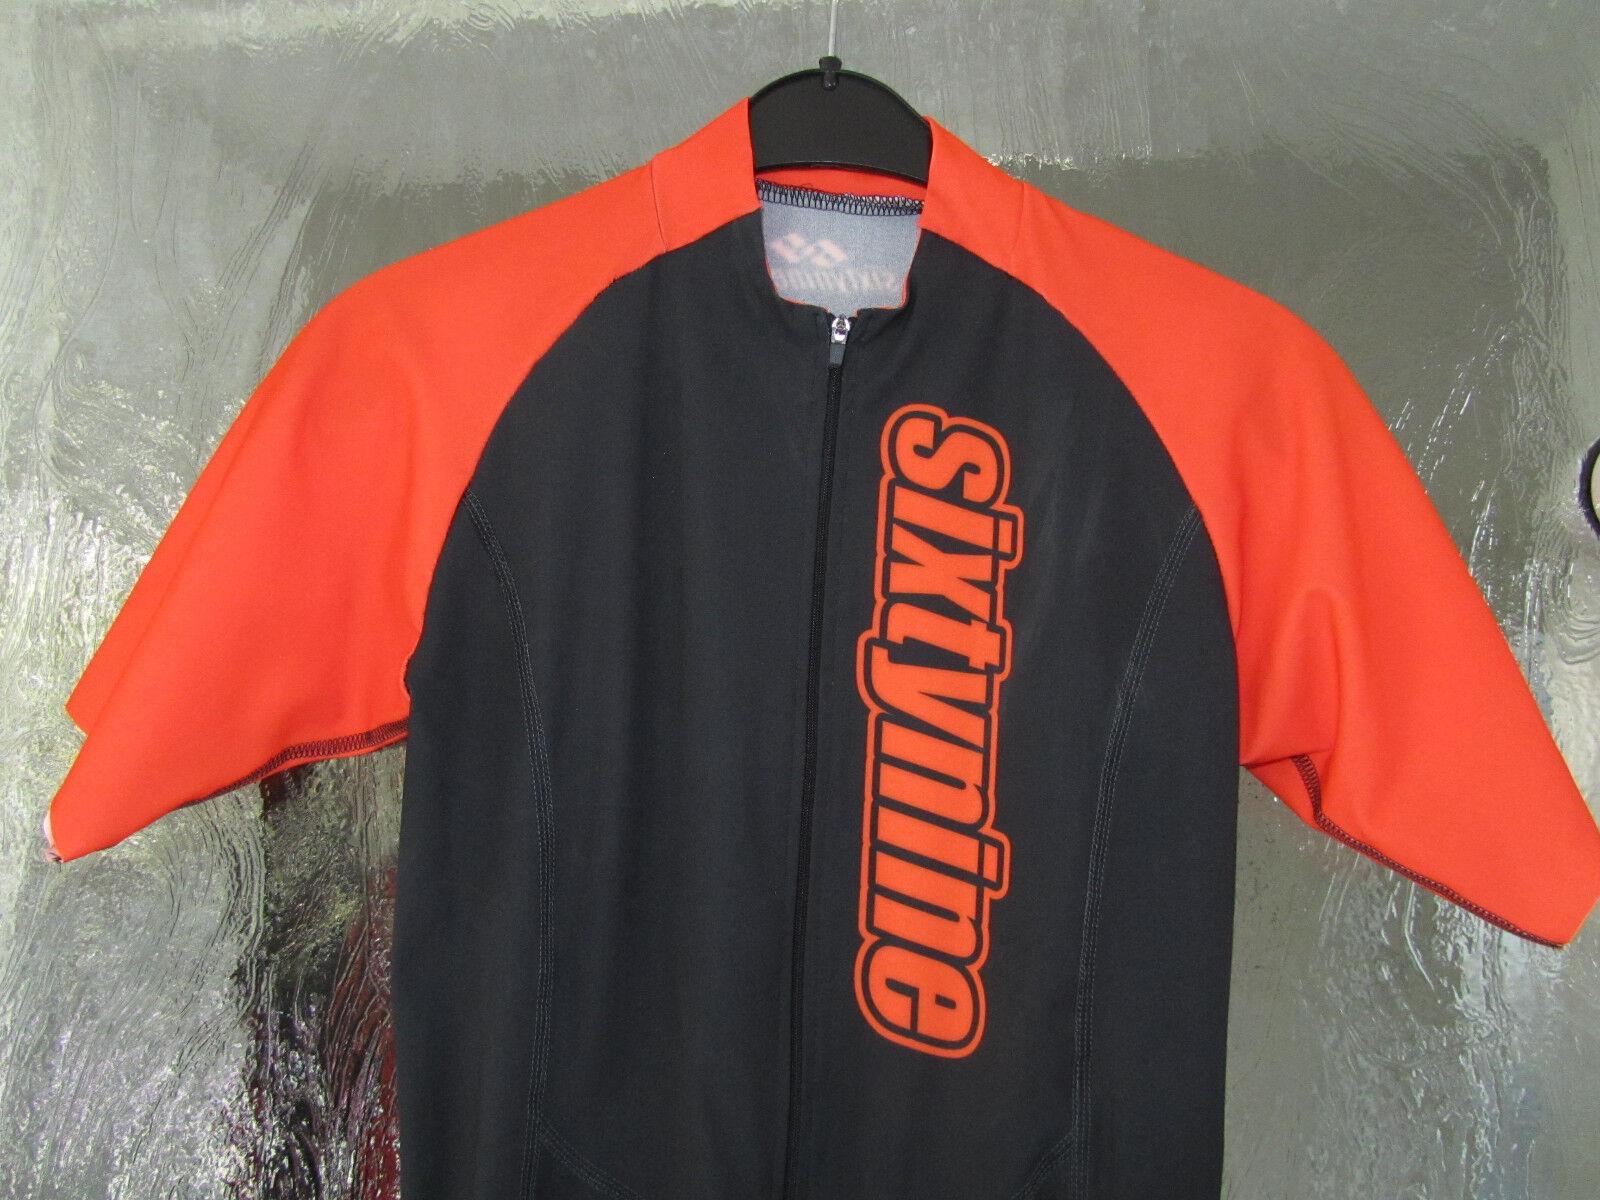 Triathlon-Anzug von sixtynine Herren Größe S Einteiler schwarz-Orange